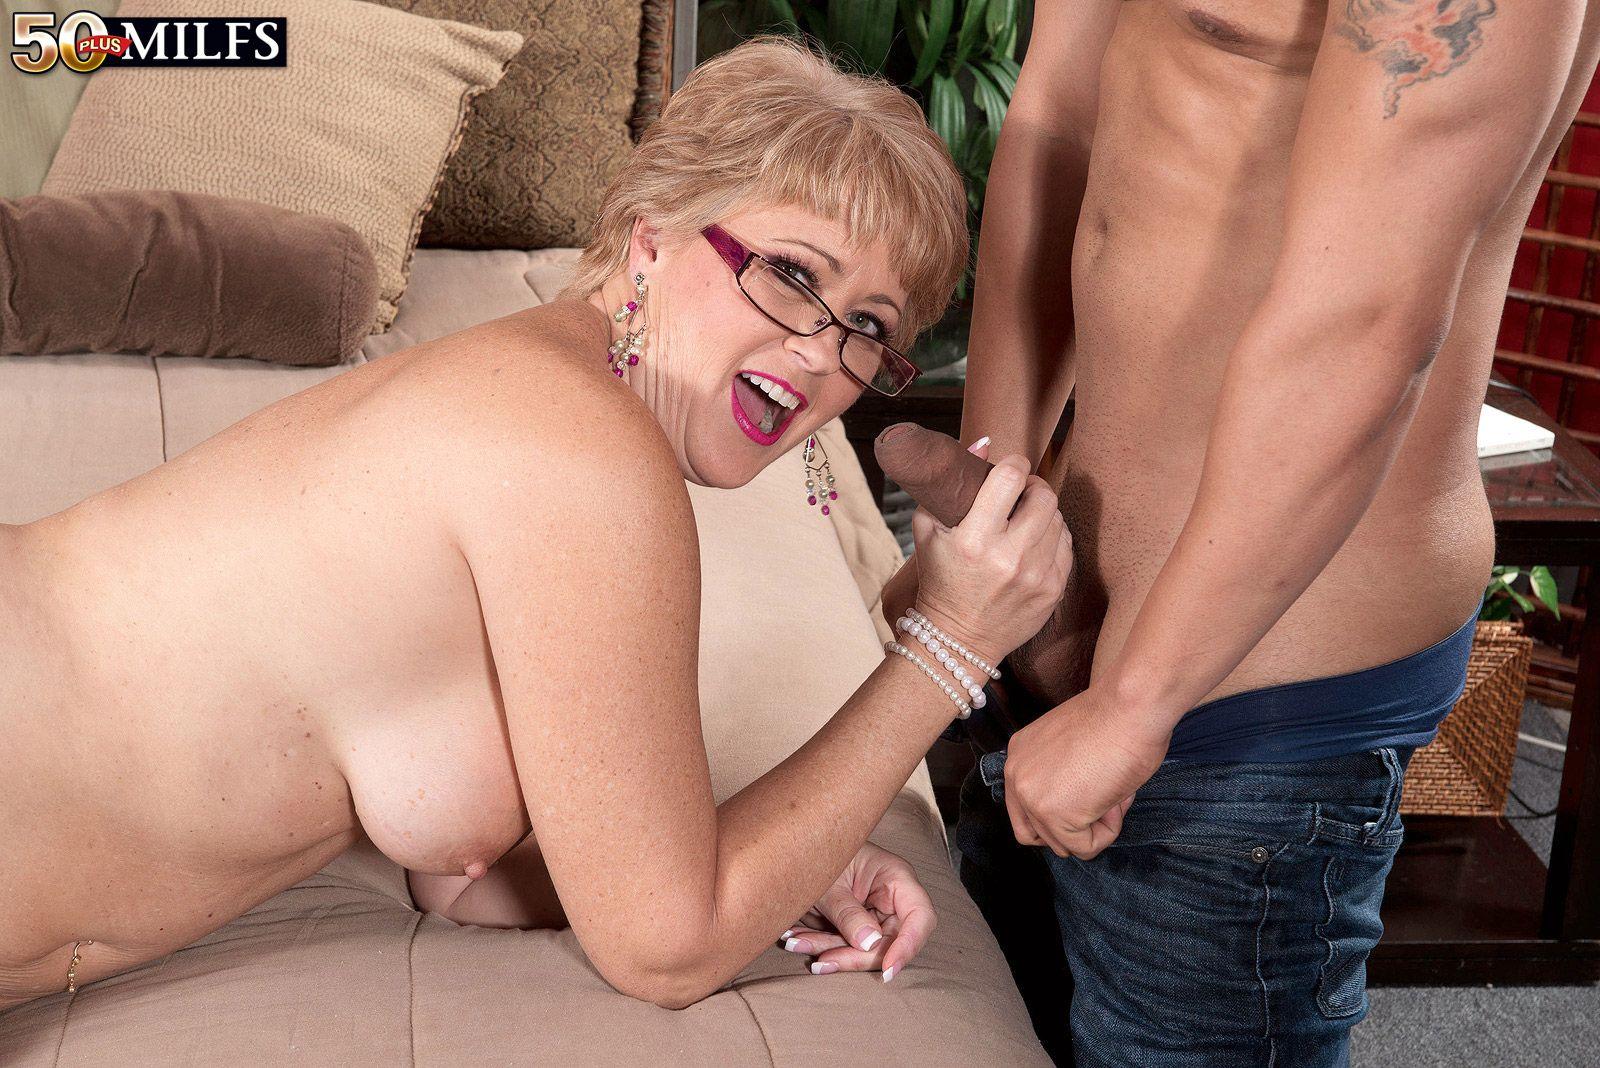 Усталый, смотреть порно зрелые женщины мастурбируют